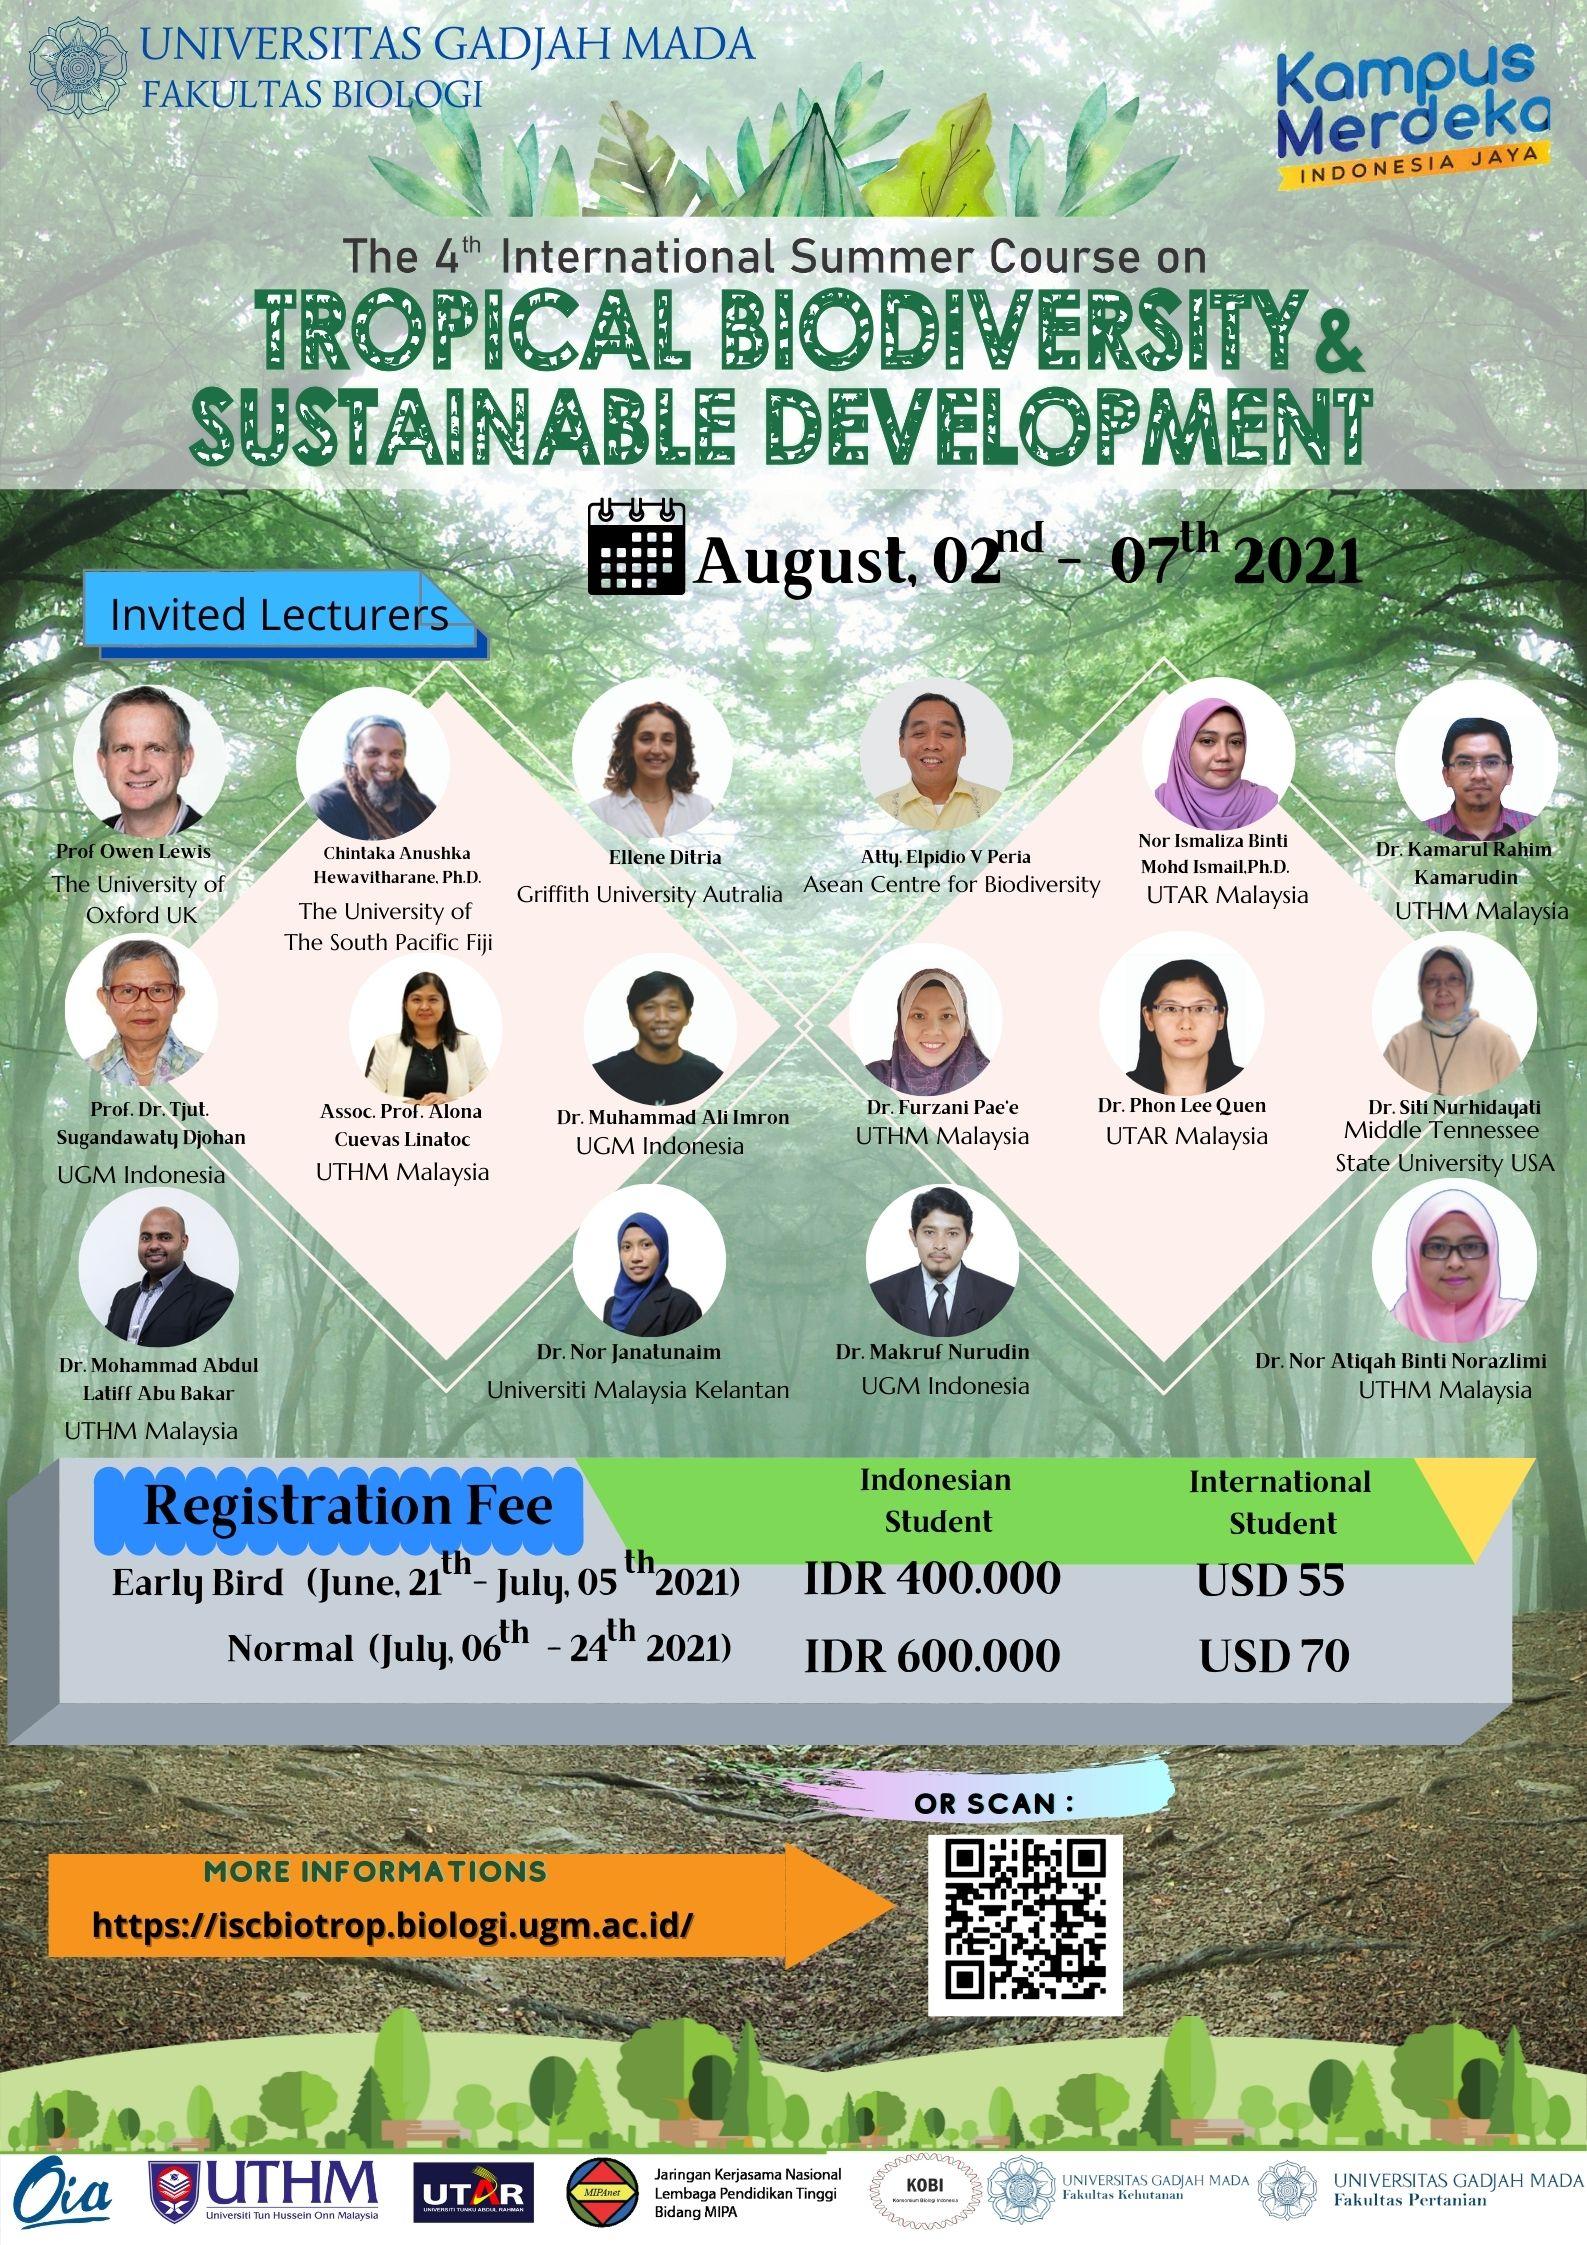 Gratis untuk 15 Mahasiswa Biologi: International Summer Course on Tropical Biodiversity and Sustainable Development yang akan diselenggarakan pada tanggal 2-7 Agustus 2021.